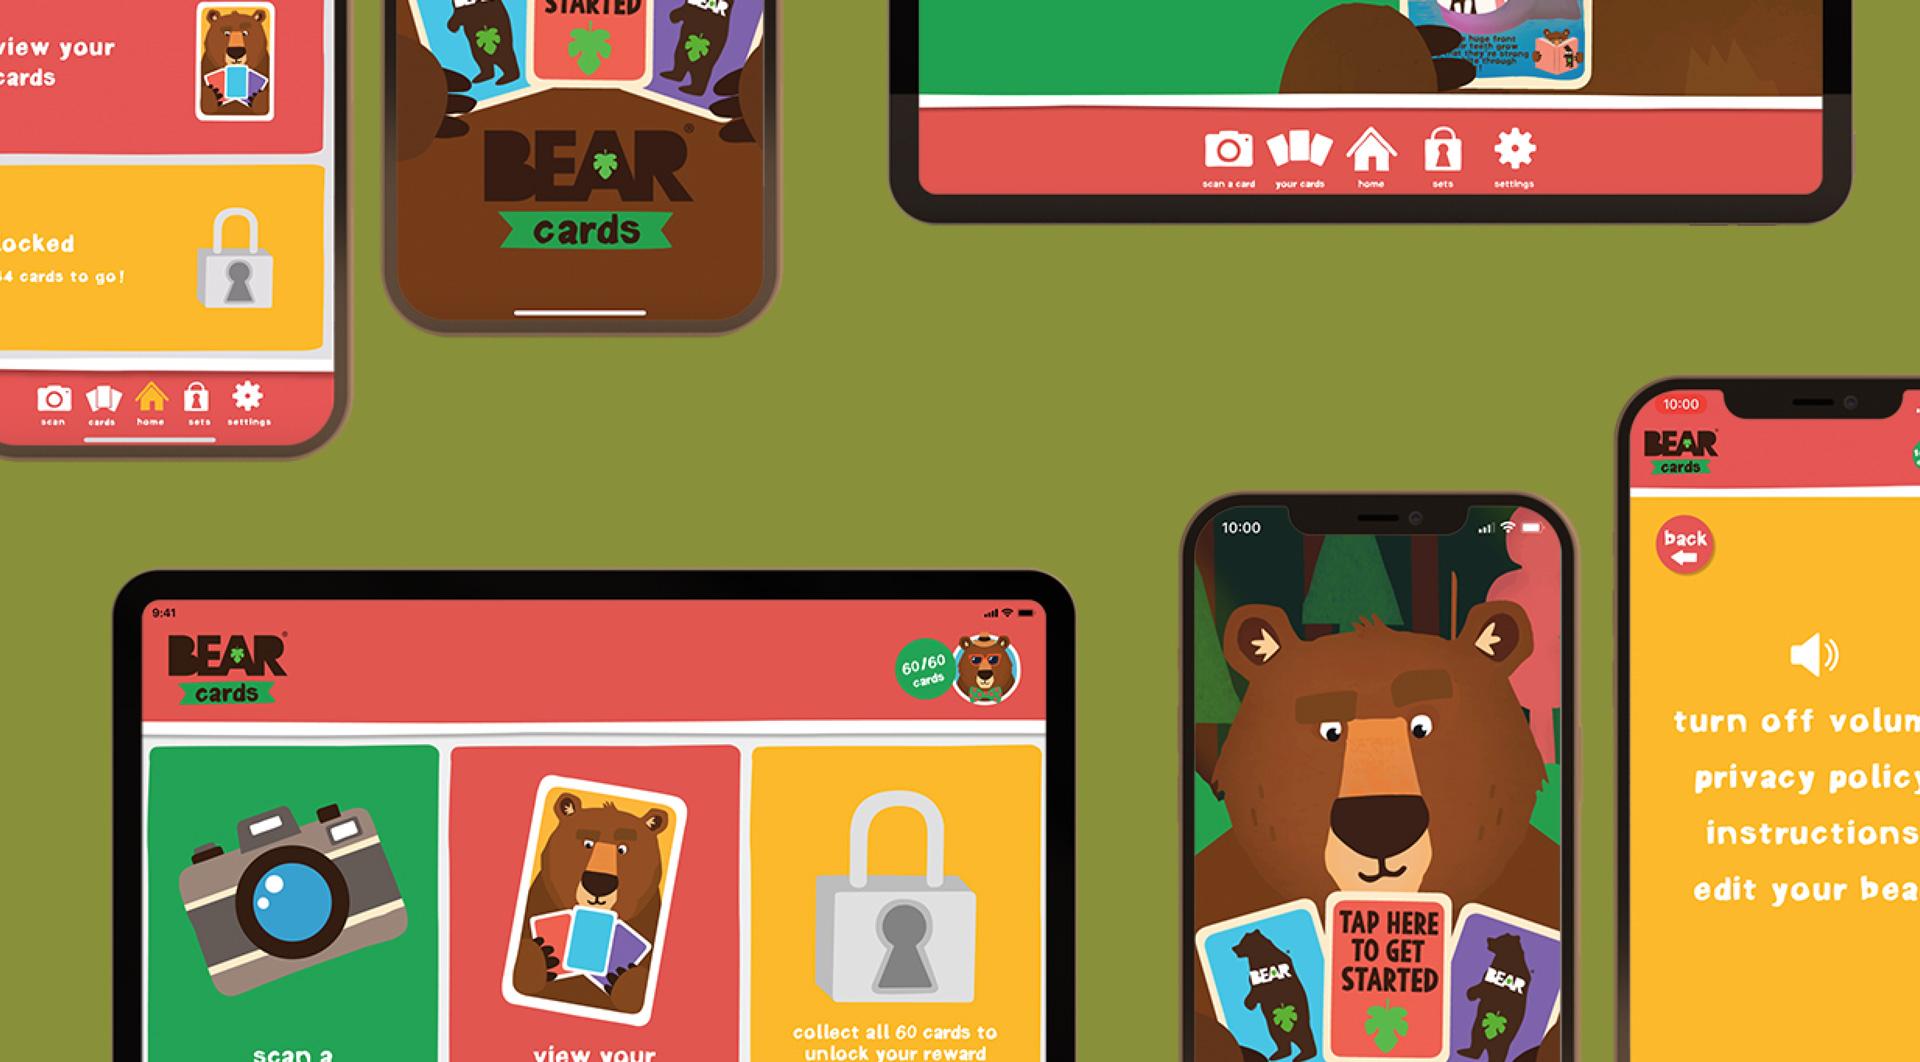 App development for BEAR Snacks